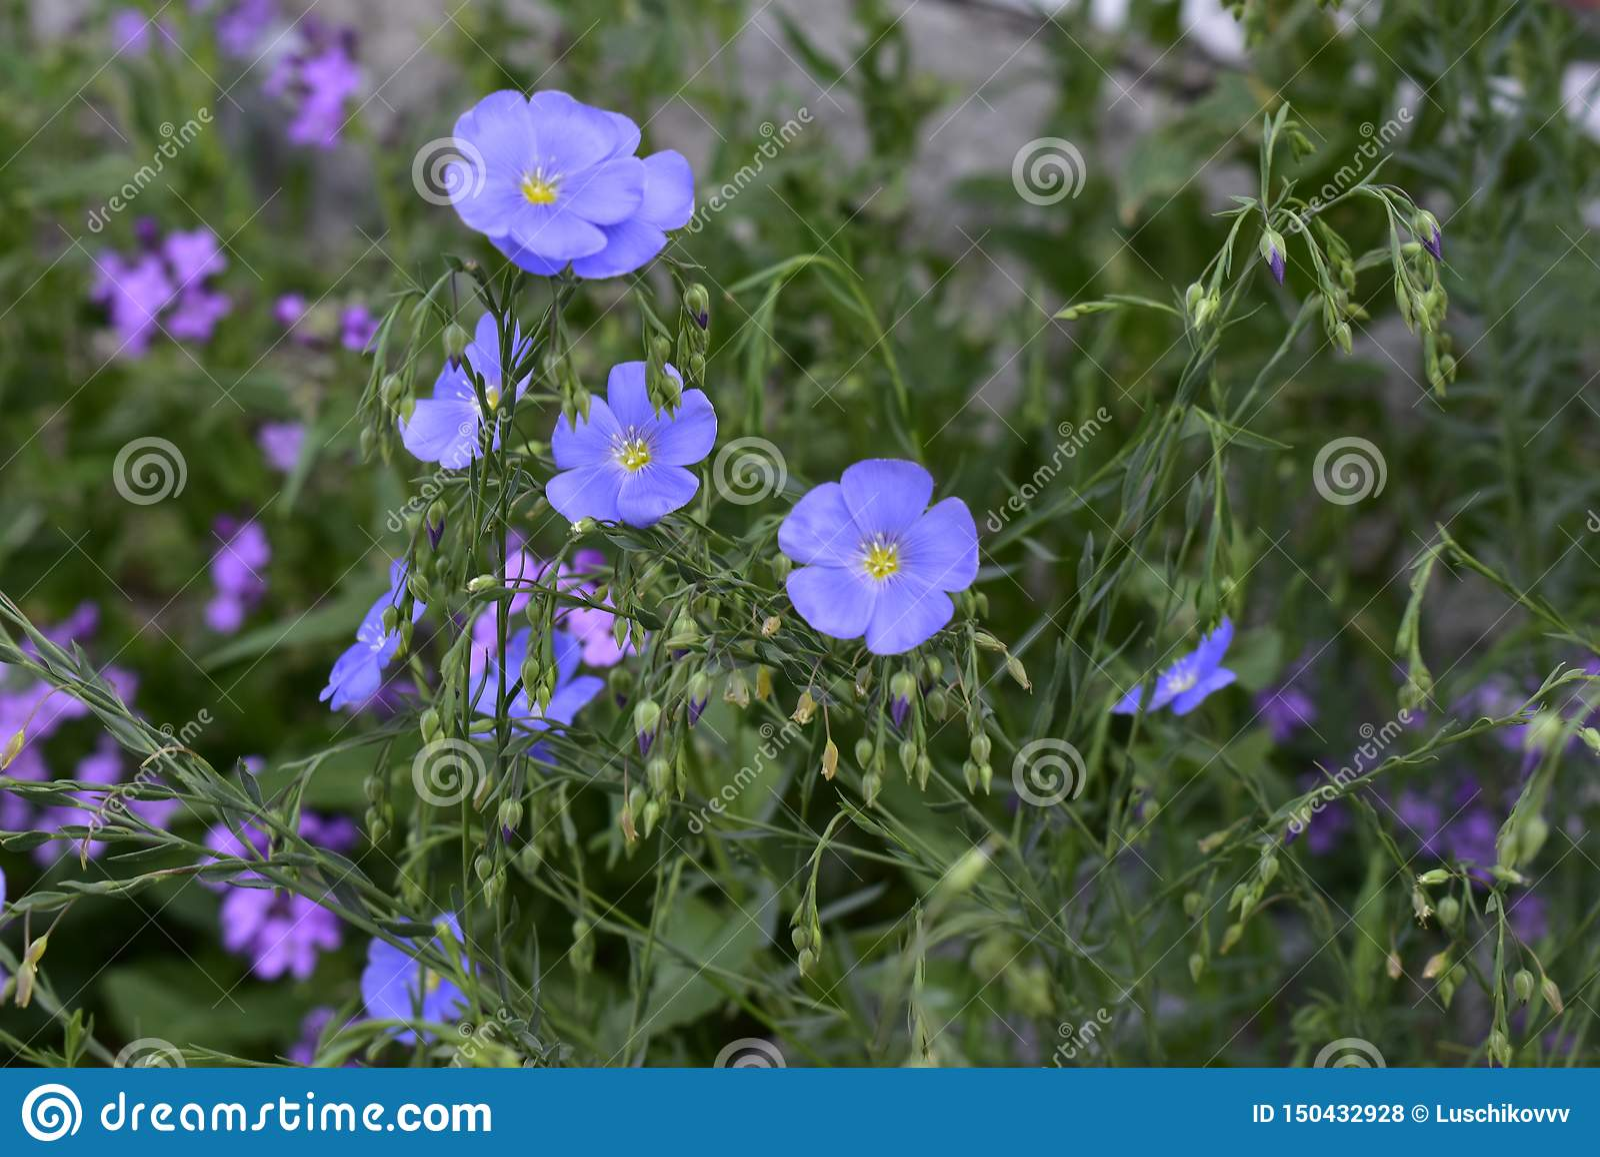 Первоцвет вечера цветка и голубой лен